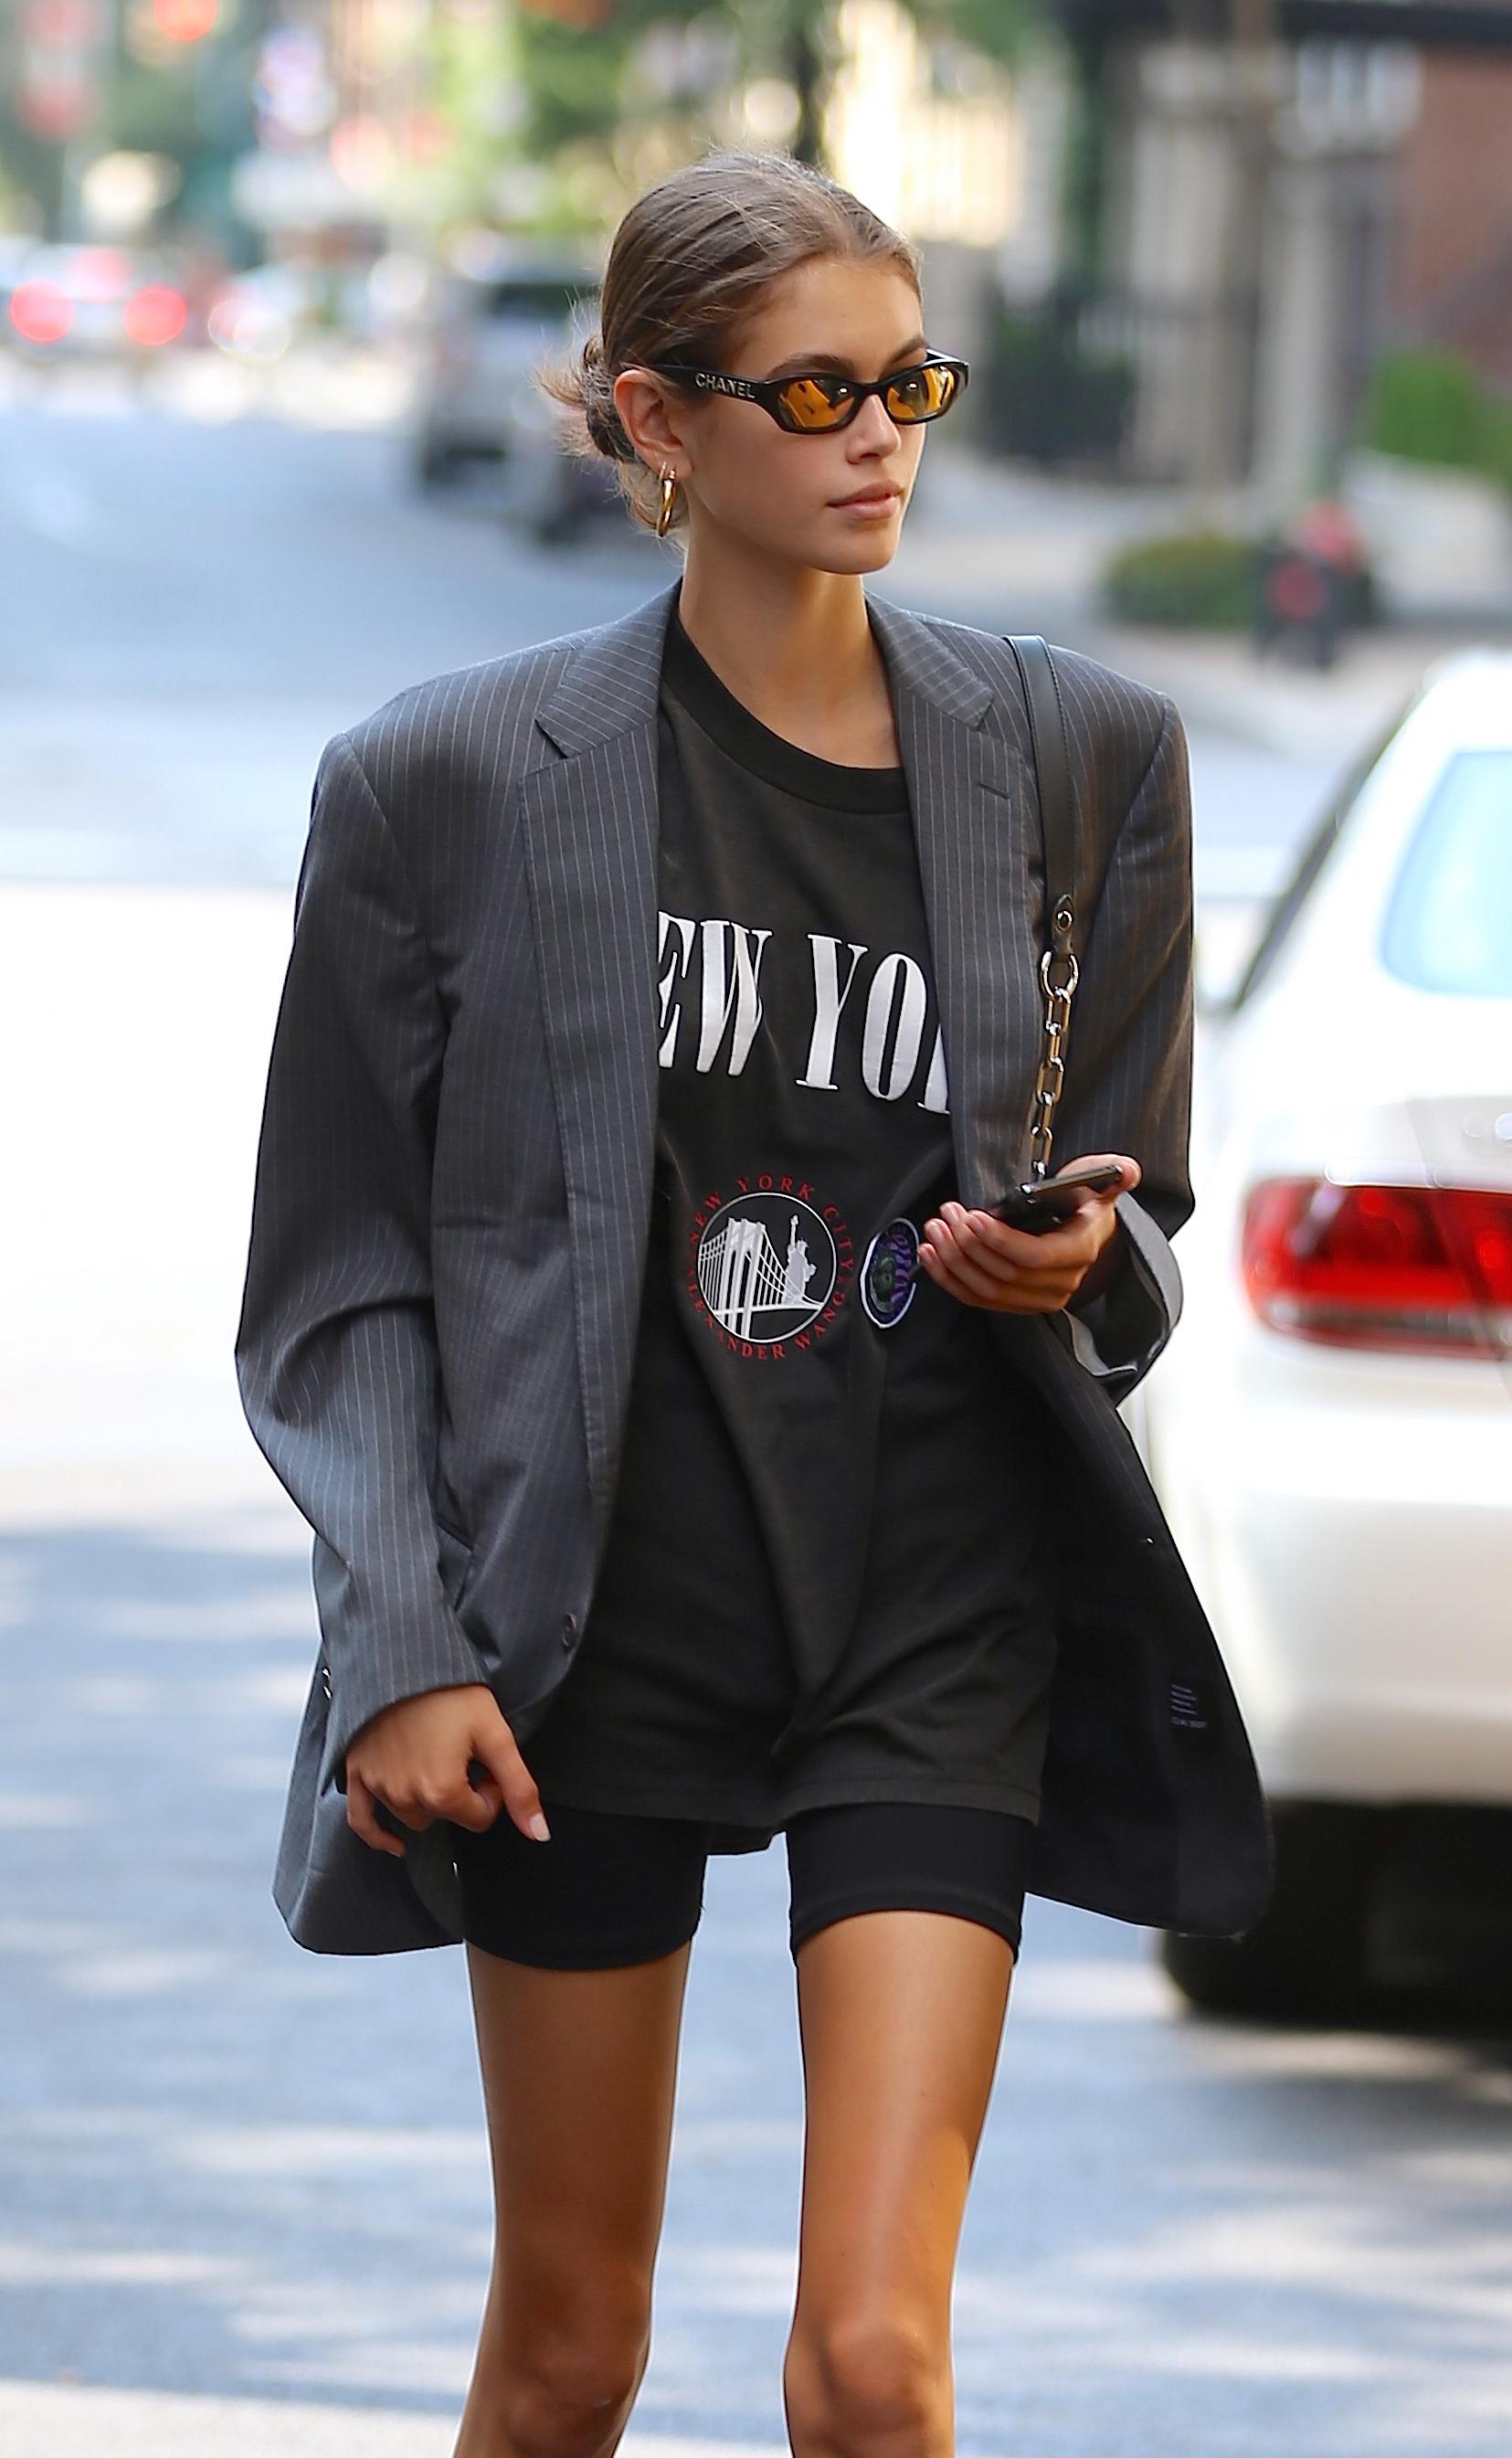 Áo thun phối cùng quần bike shorts vào áo blazer